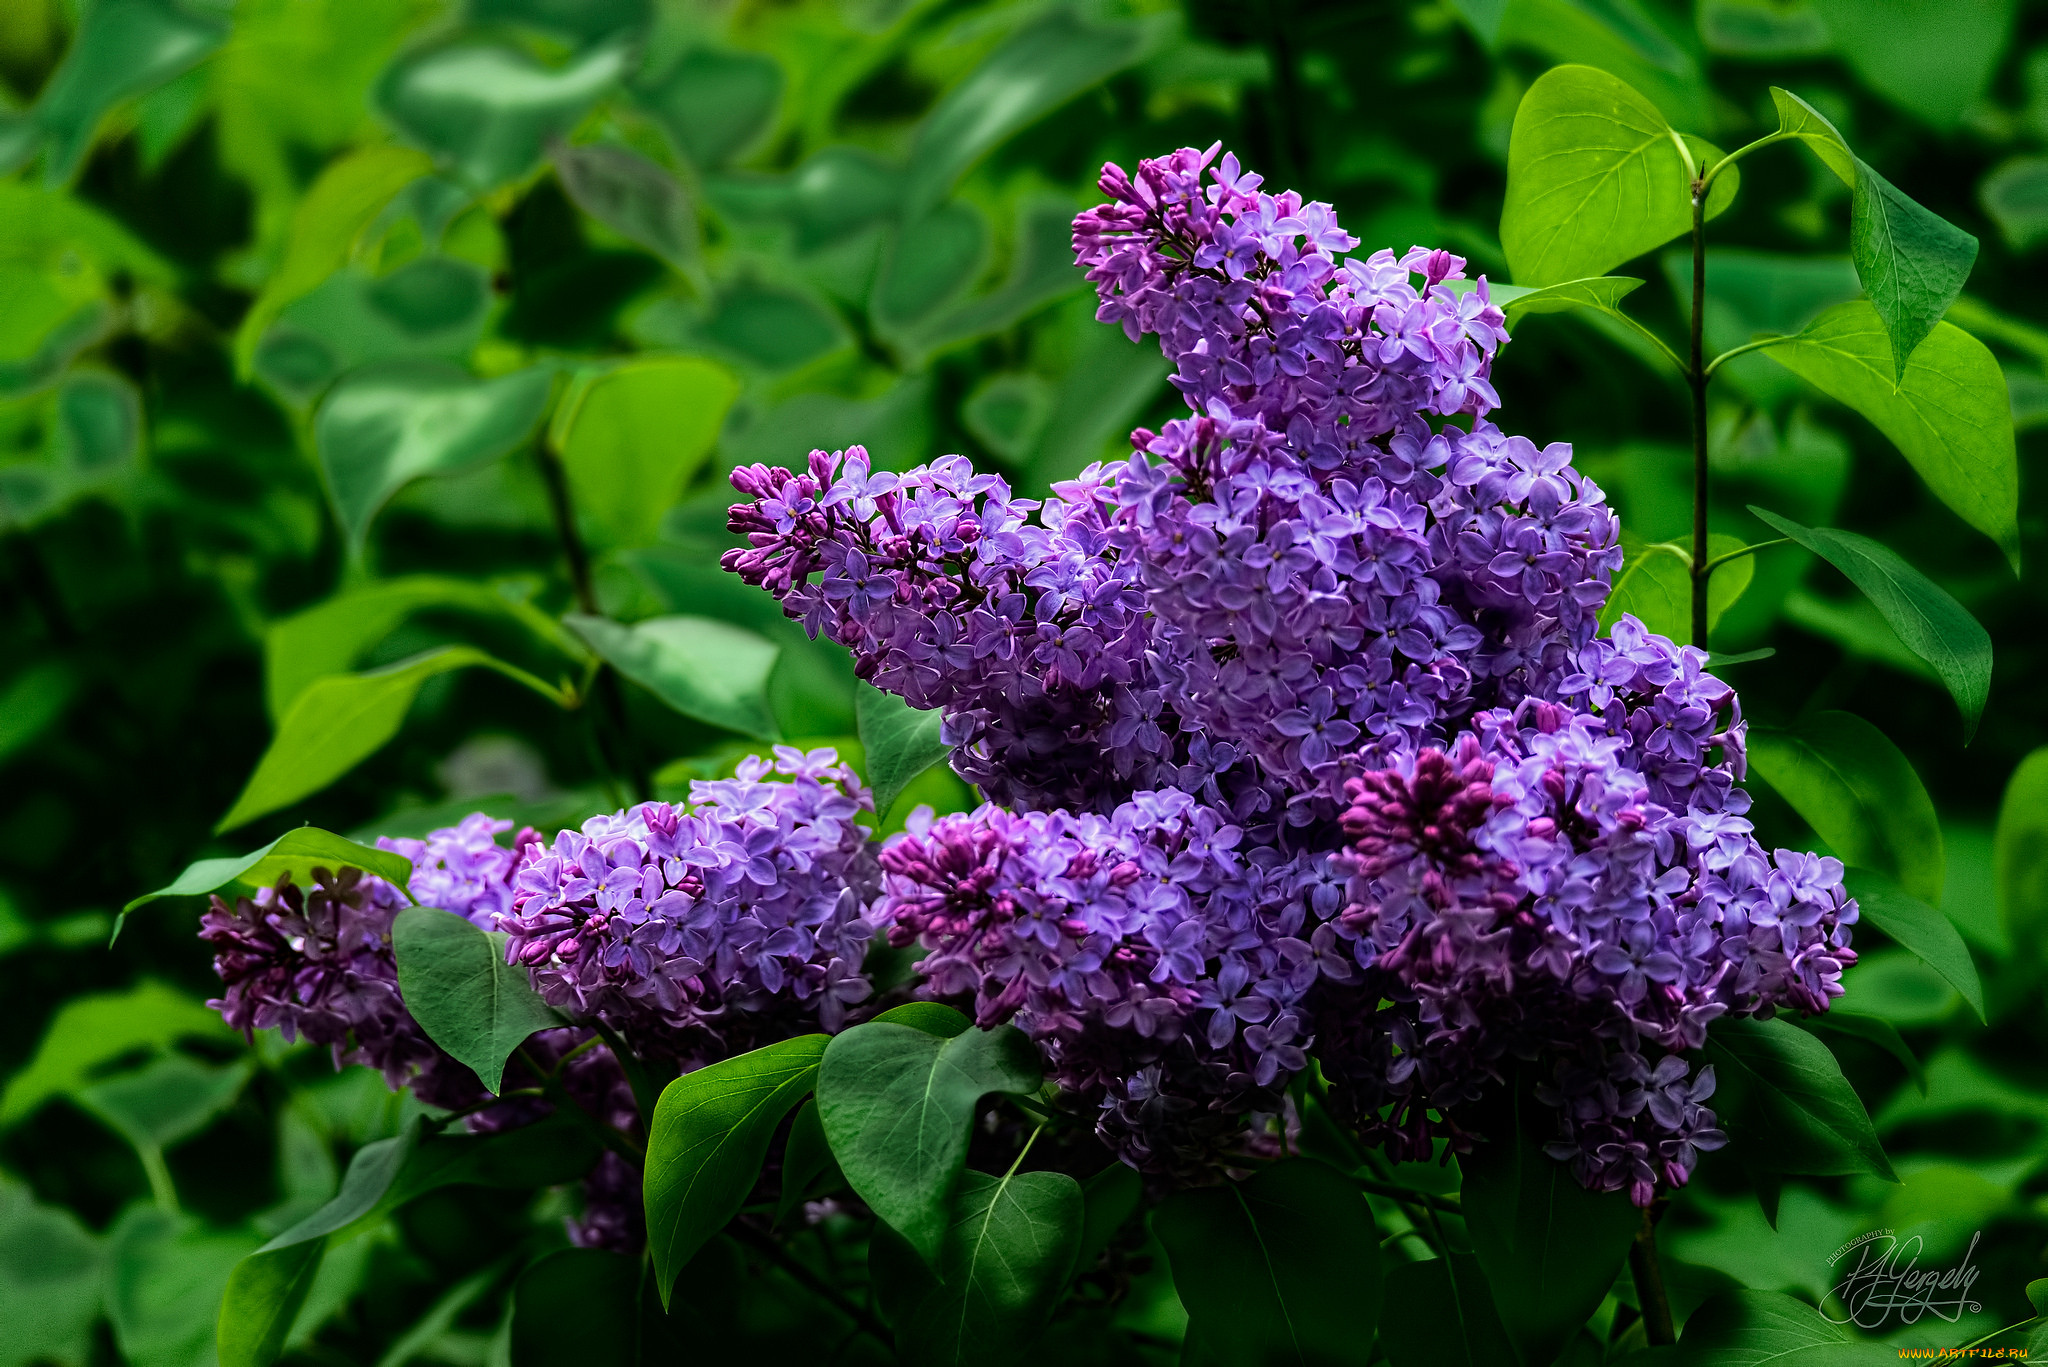 цветение сирени фото для обоев на телефоне свои фото сарыагаша